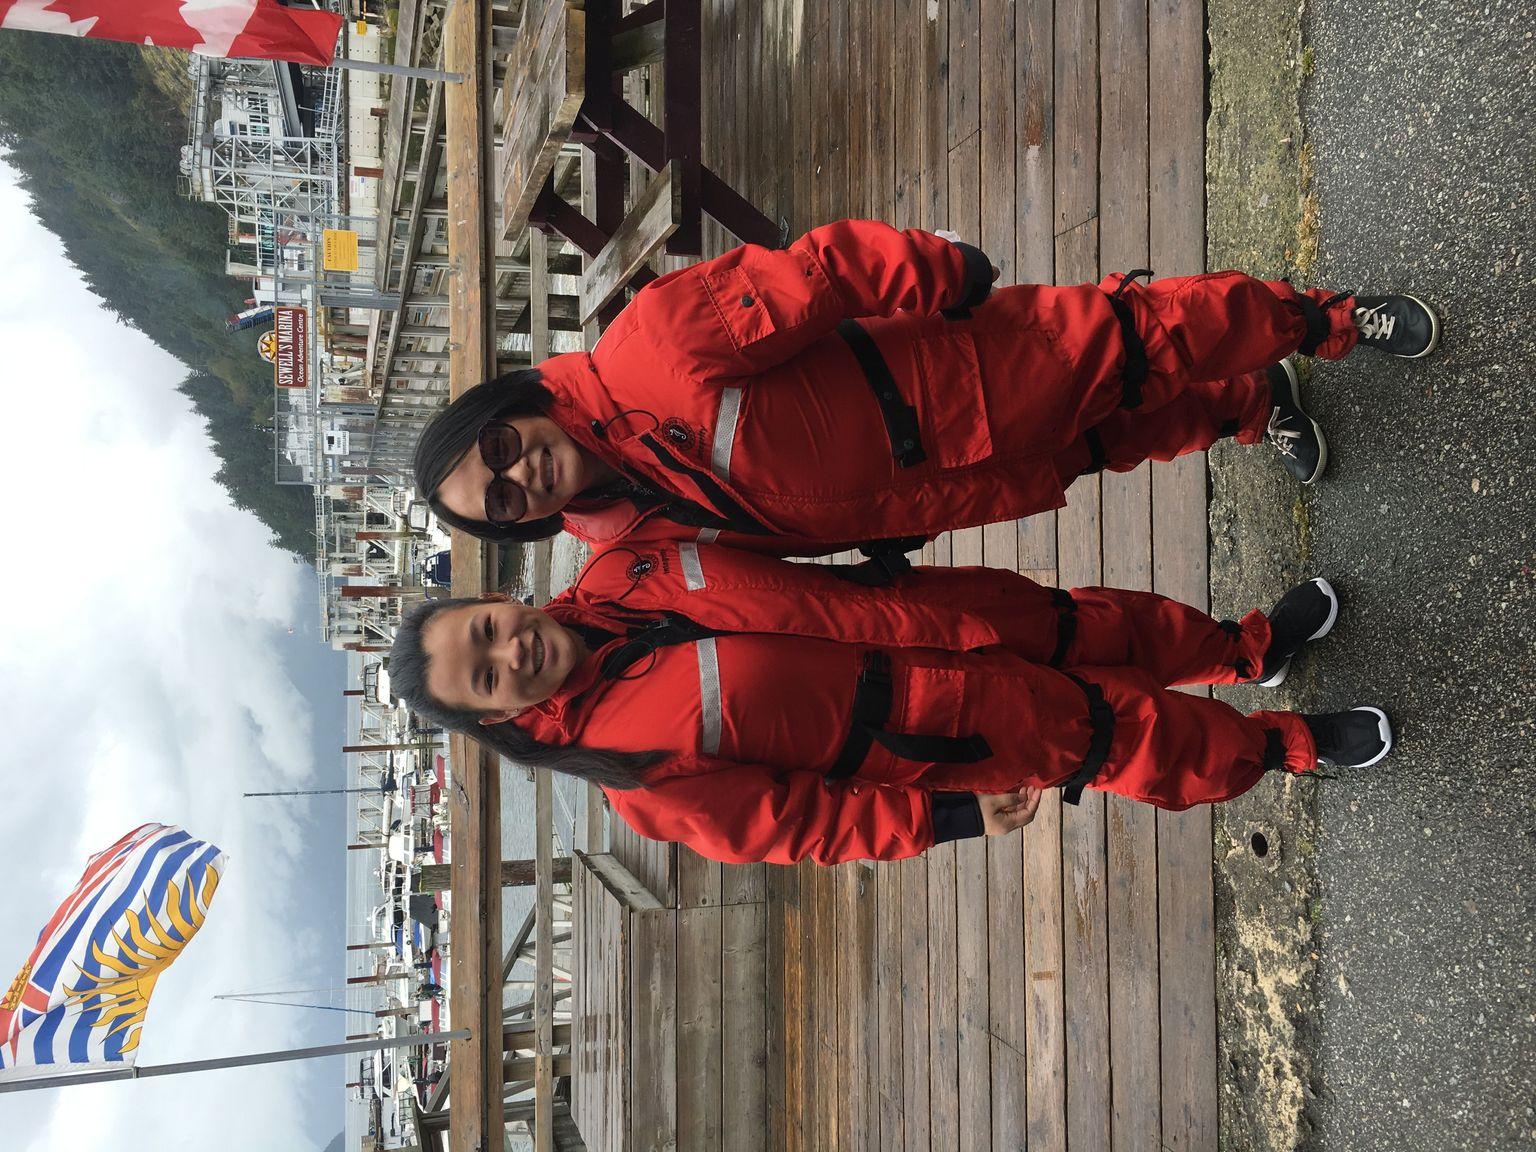 MAIS FOTOS, Cruzeiro pelo Safari marítimo em Howe Sound